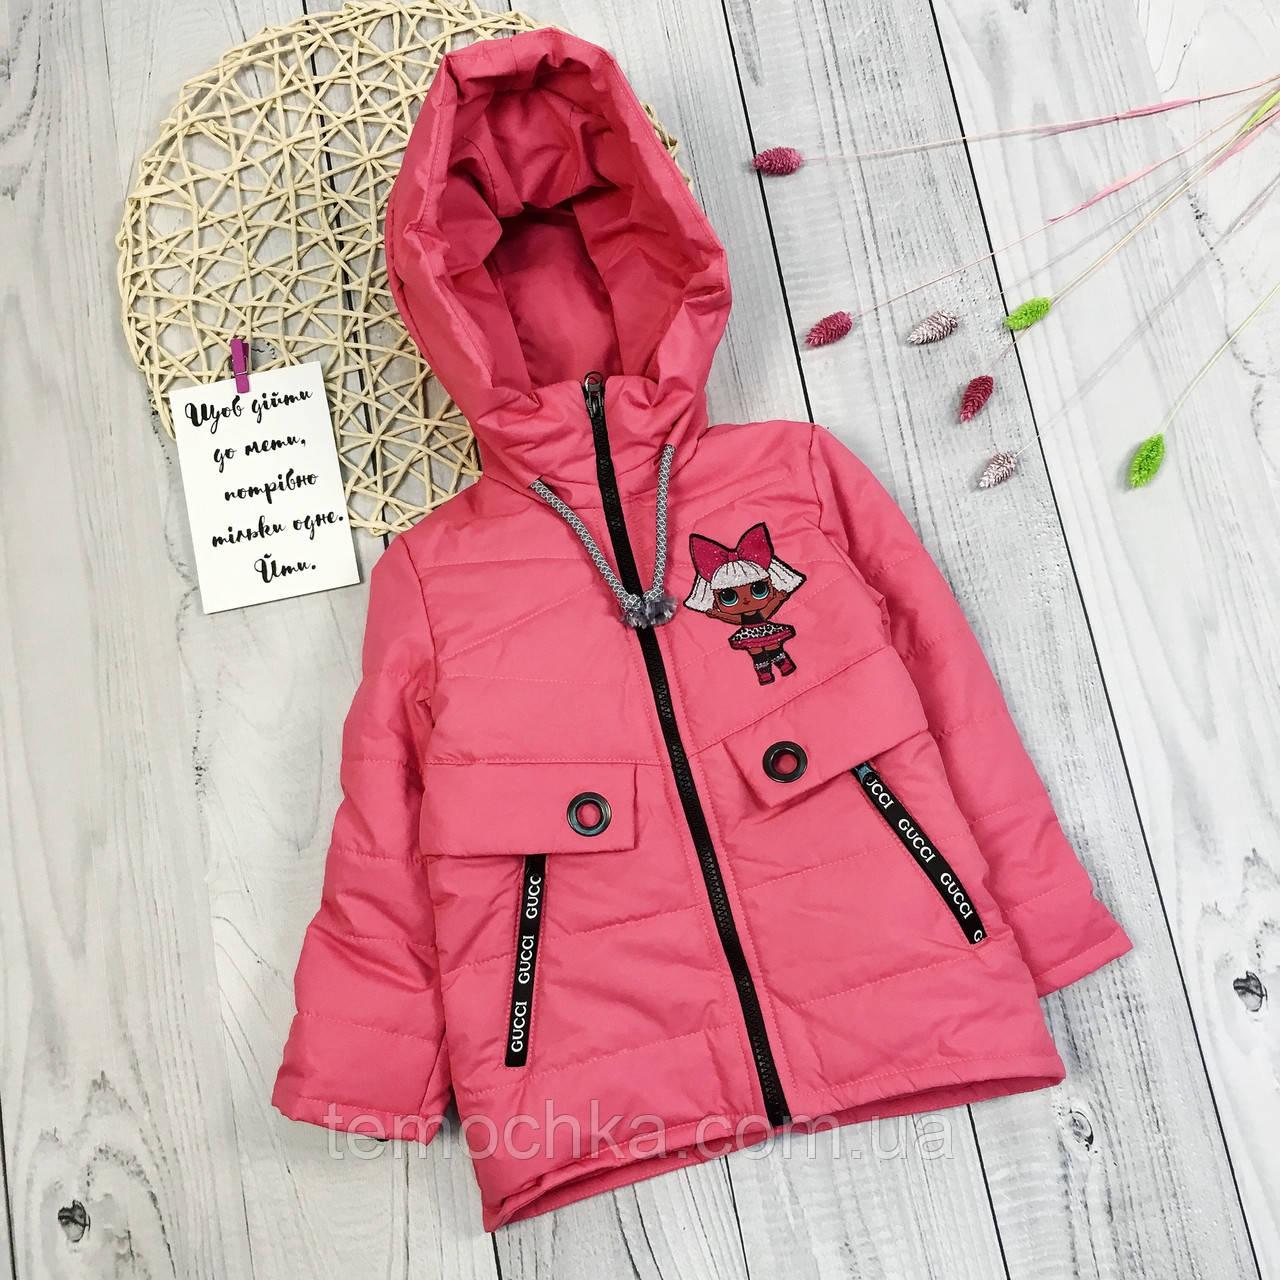 Розовая куртка ветровка на осень или весну для девочки Lol Лол